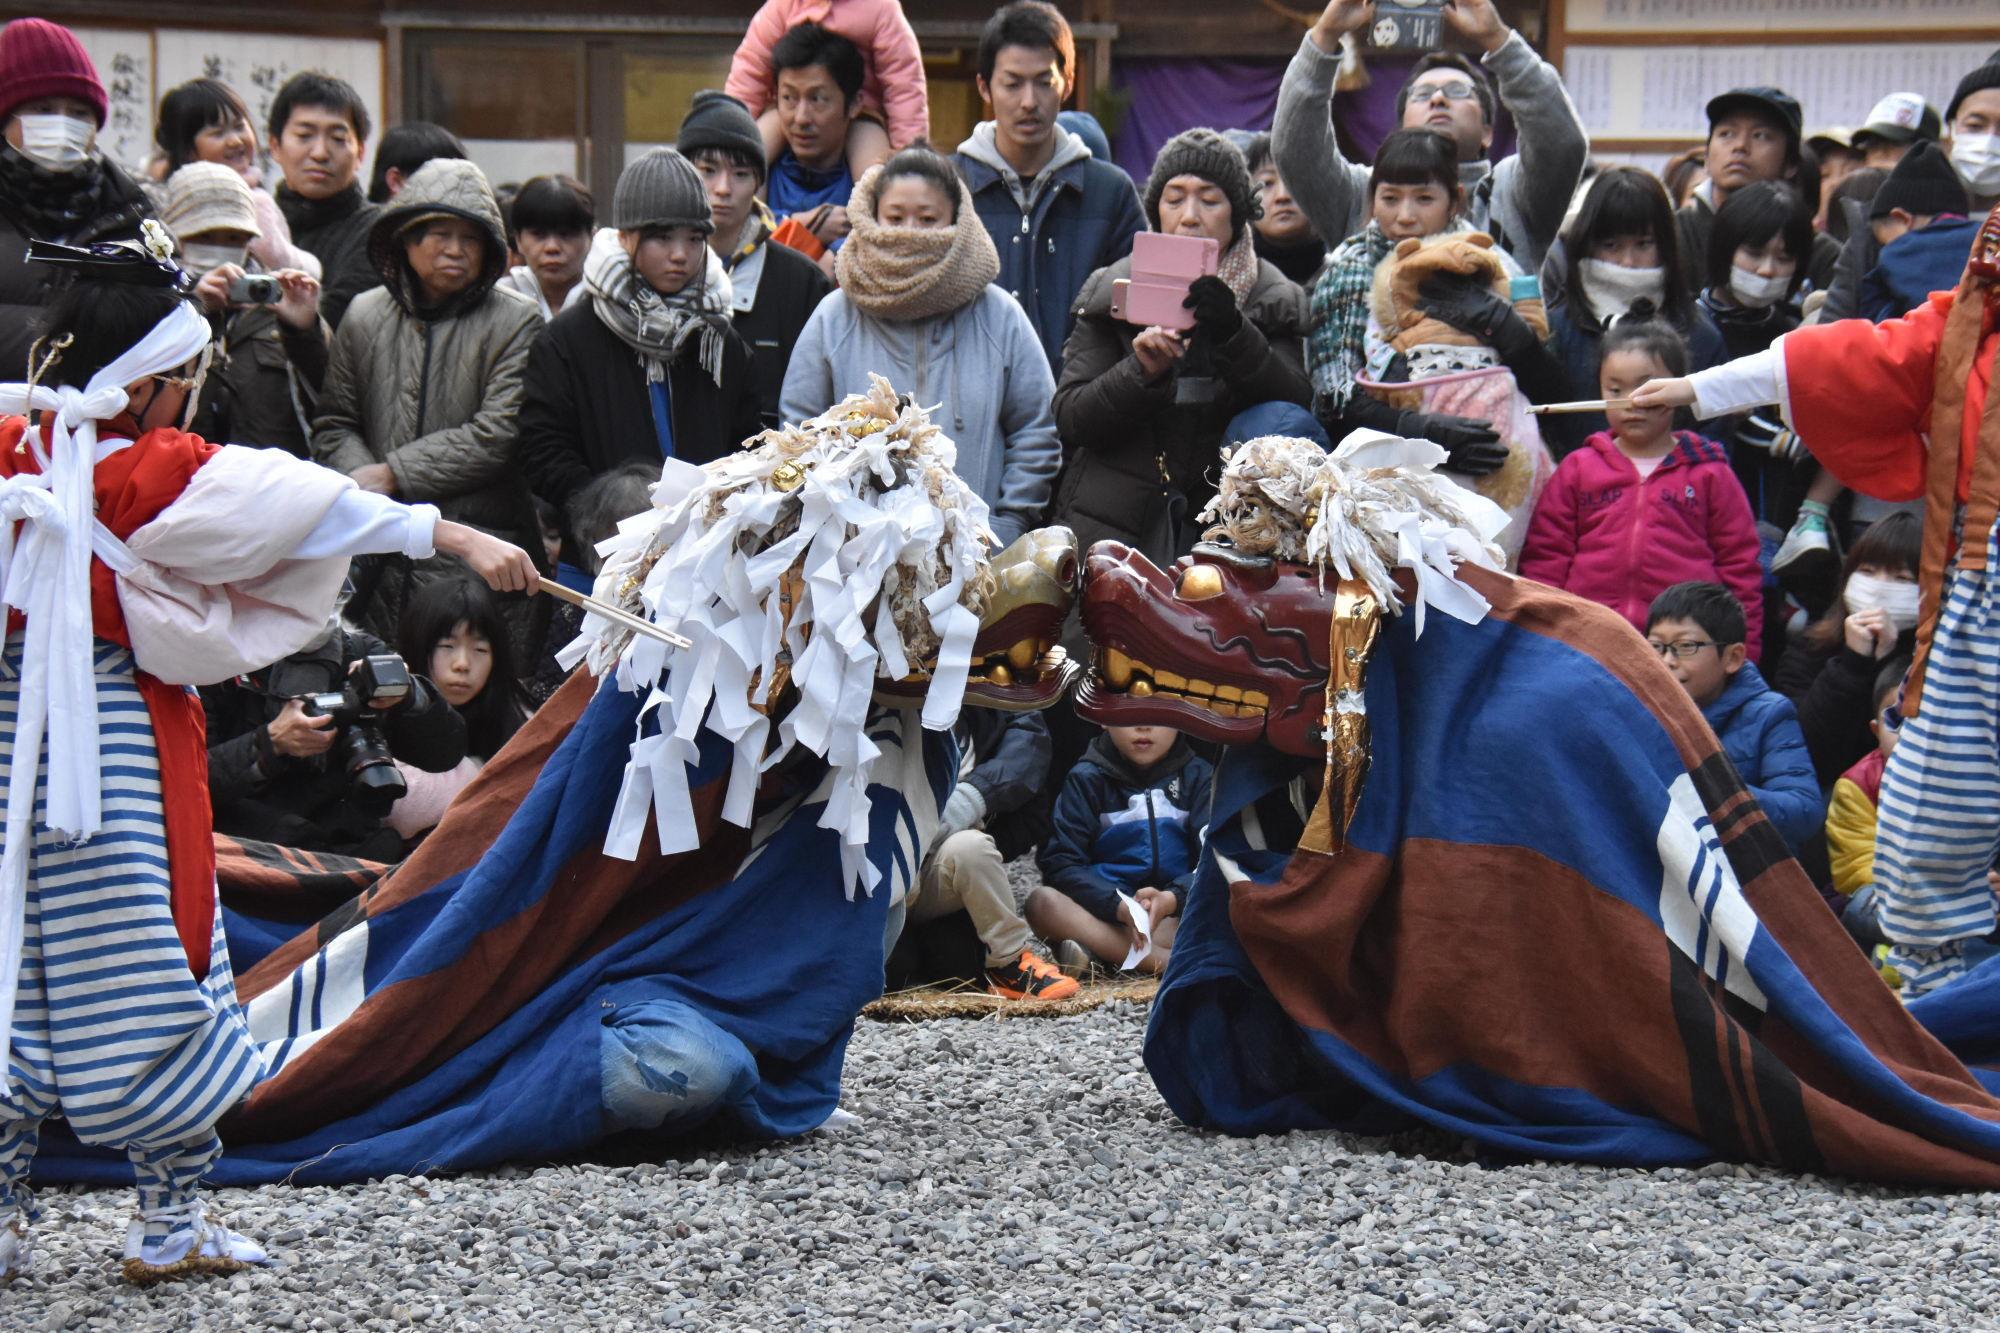 宇賀多神社獅子舞奉納-井上悟さん撮影